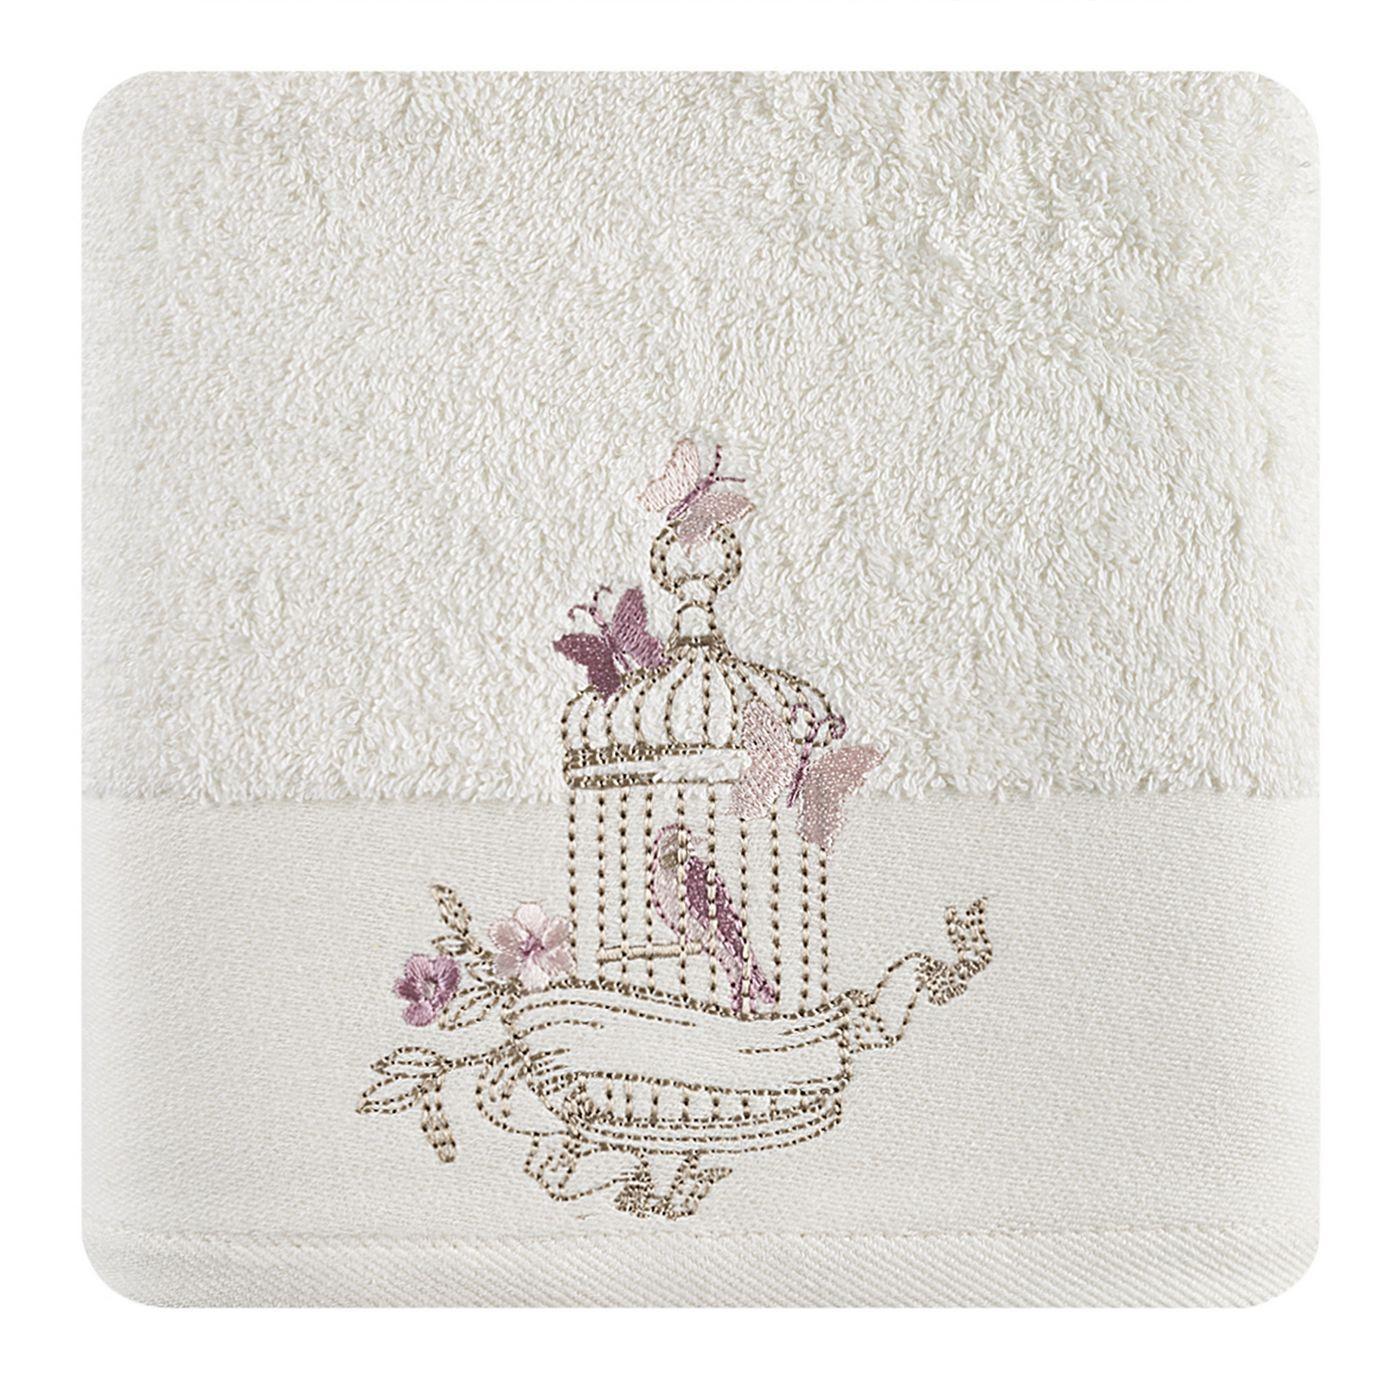 Ręcznik haftowany ptaszki w klatce kremowy 70x140cm